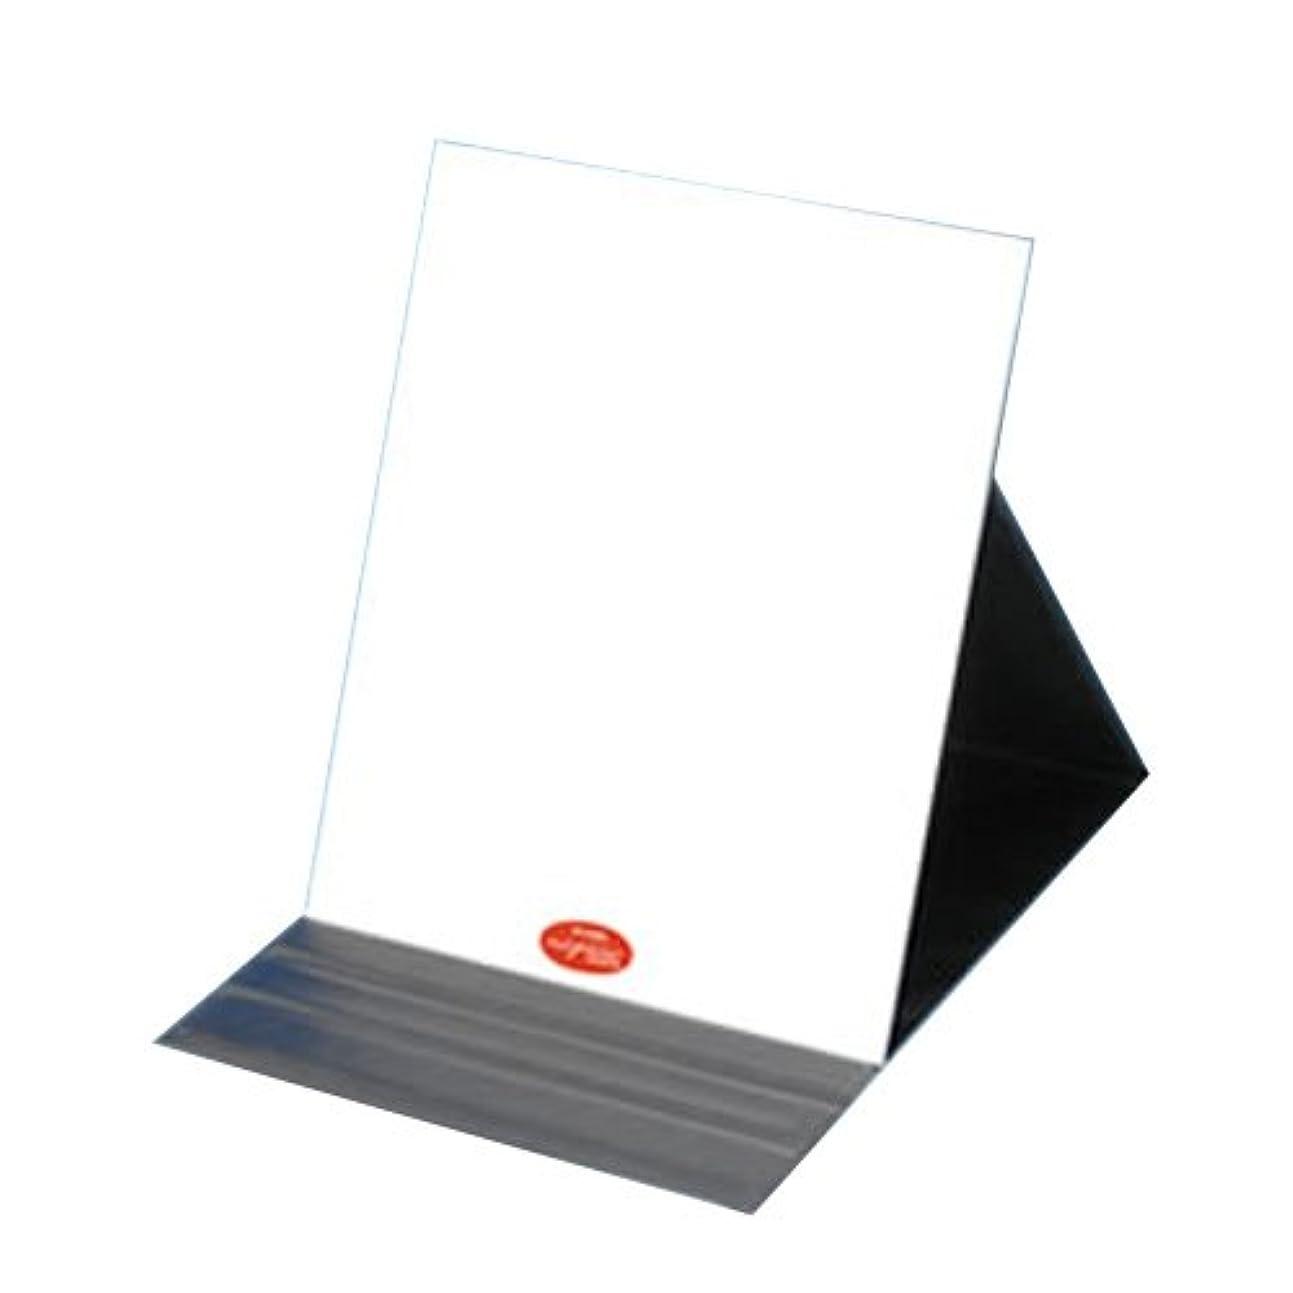 心理的かりてさておき堀内鏡工業 ナピュア プロモデル角度調整3段階付き折立ミラー エコLL 単品